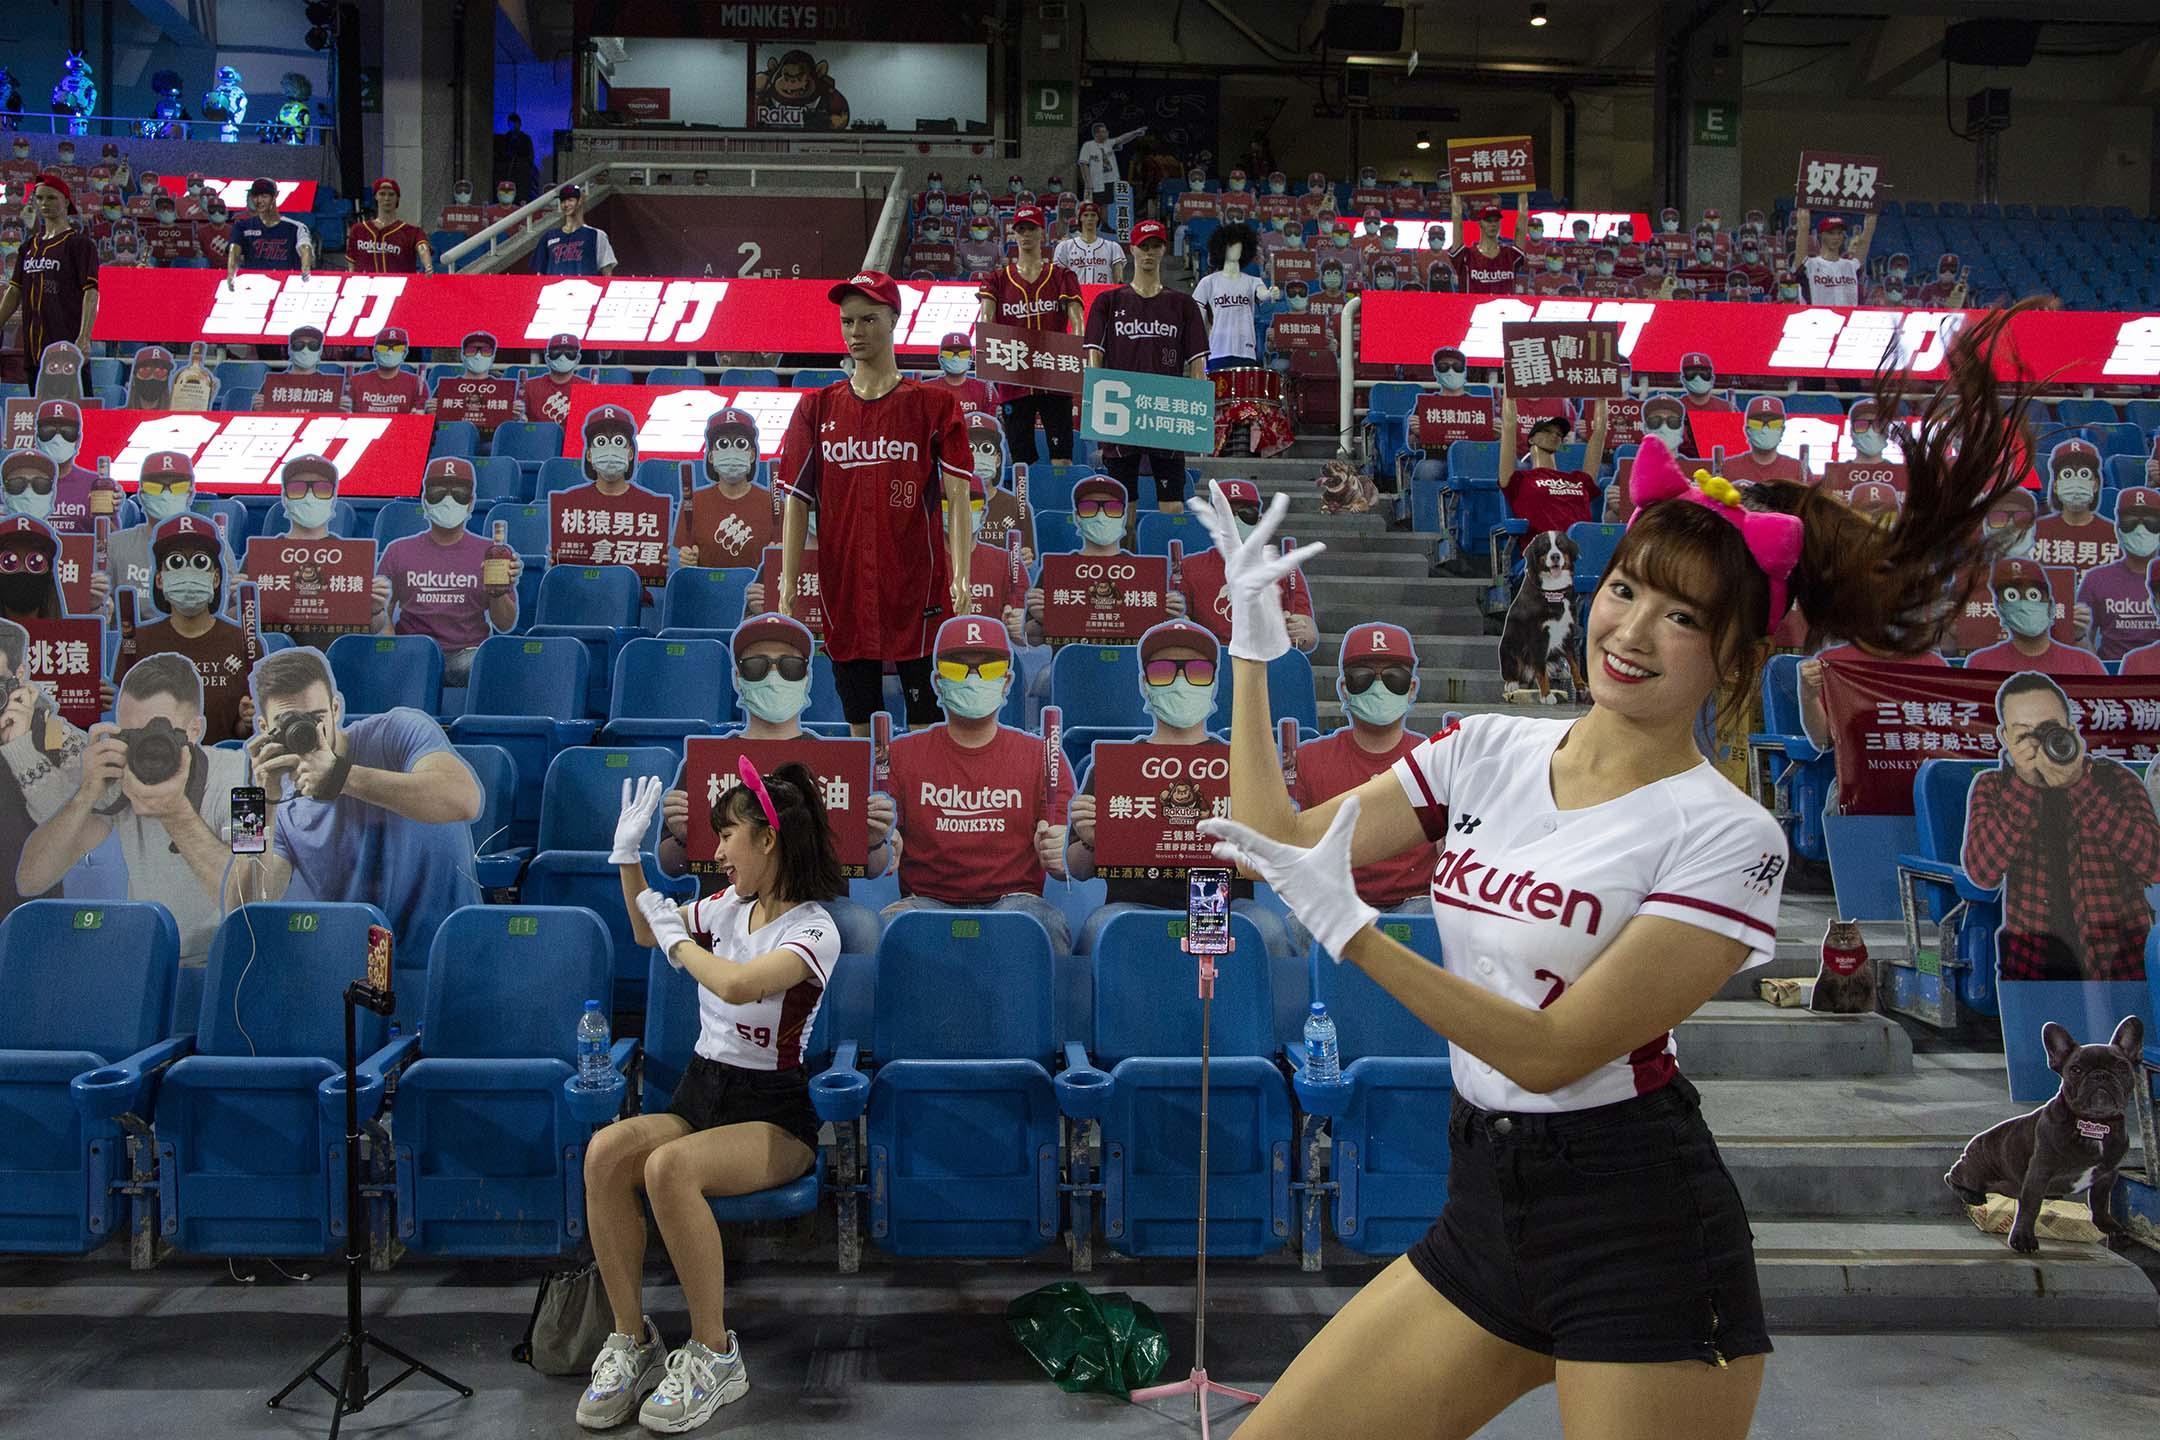 2020年4月15日,桃園國際棒球場,台灣中華職棒樂天桃猿的啦啦隊於比賽期間跳舞,為防2019冠狀病毒,於是閉門作賽,主辦方準備了紙板球迷,啦啦隊員亦以網上直播的方式與觀眾交流。